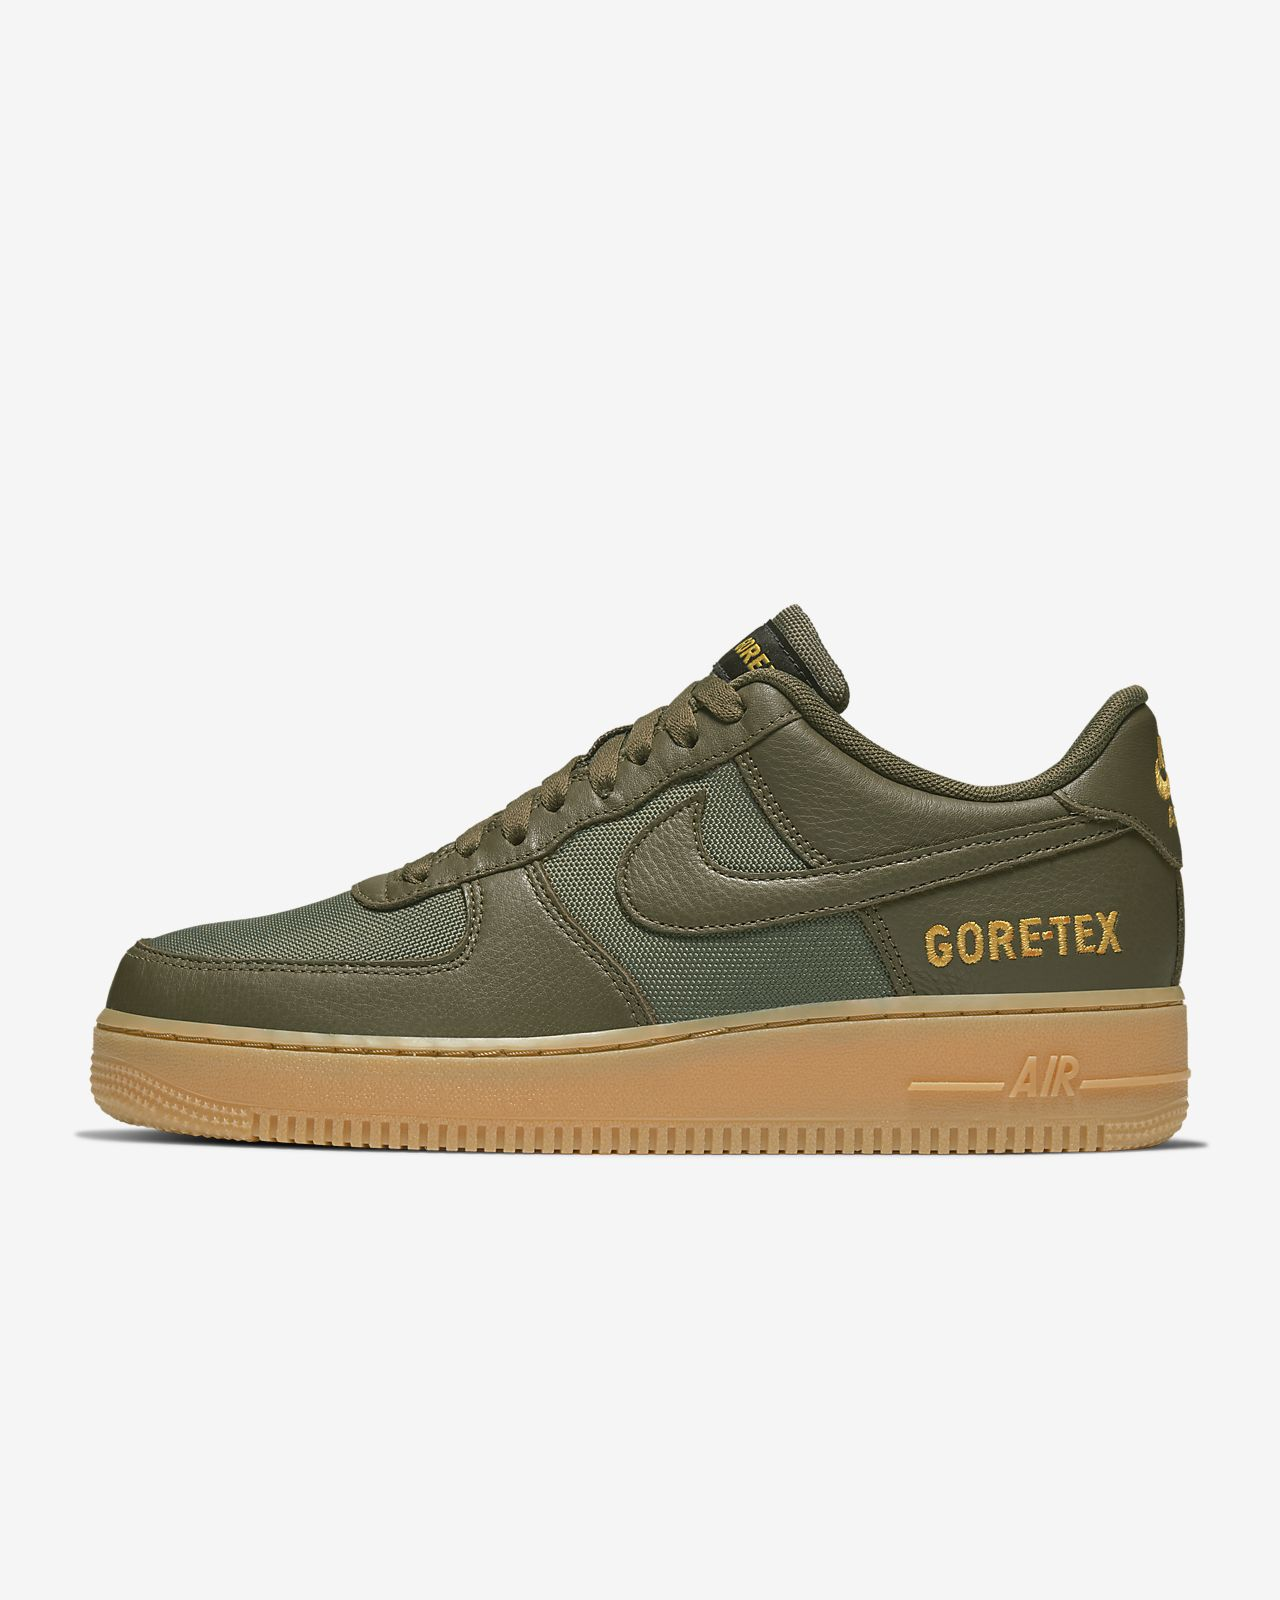 Nike Air Force 1 GORE TEX Schuh